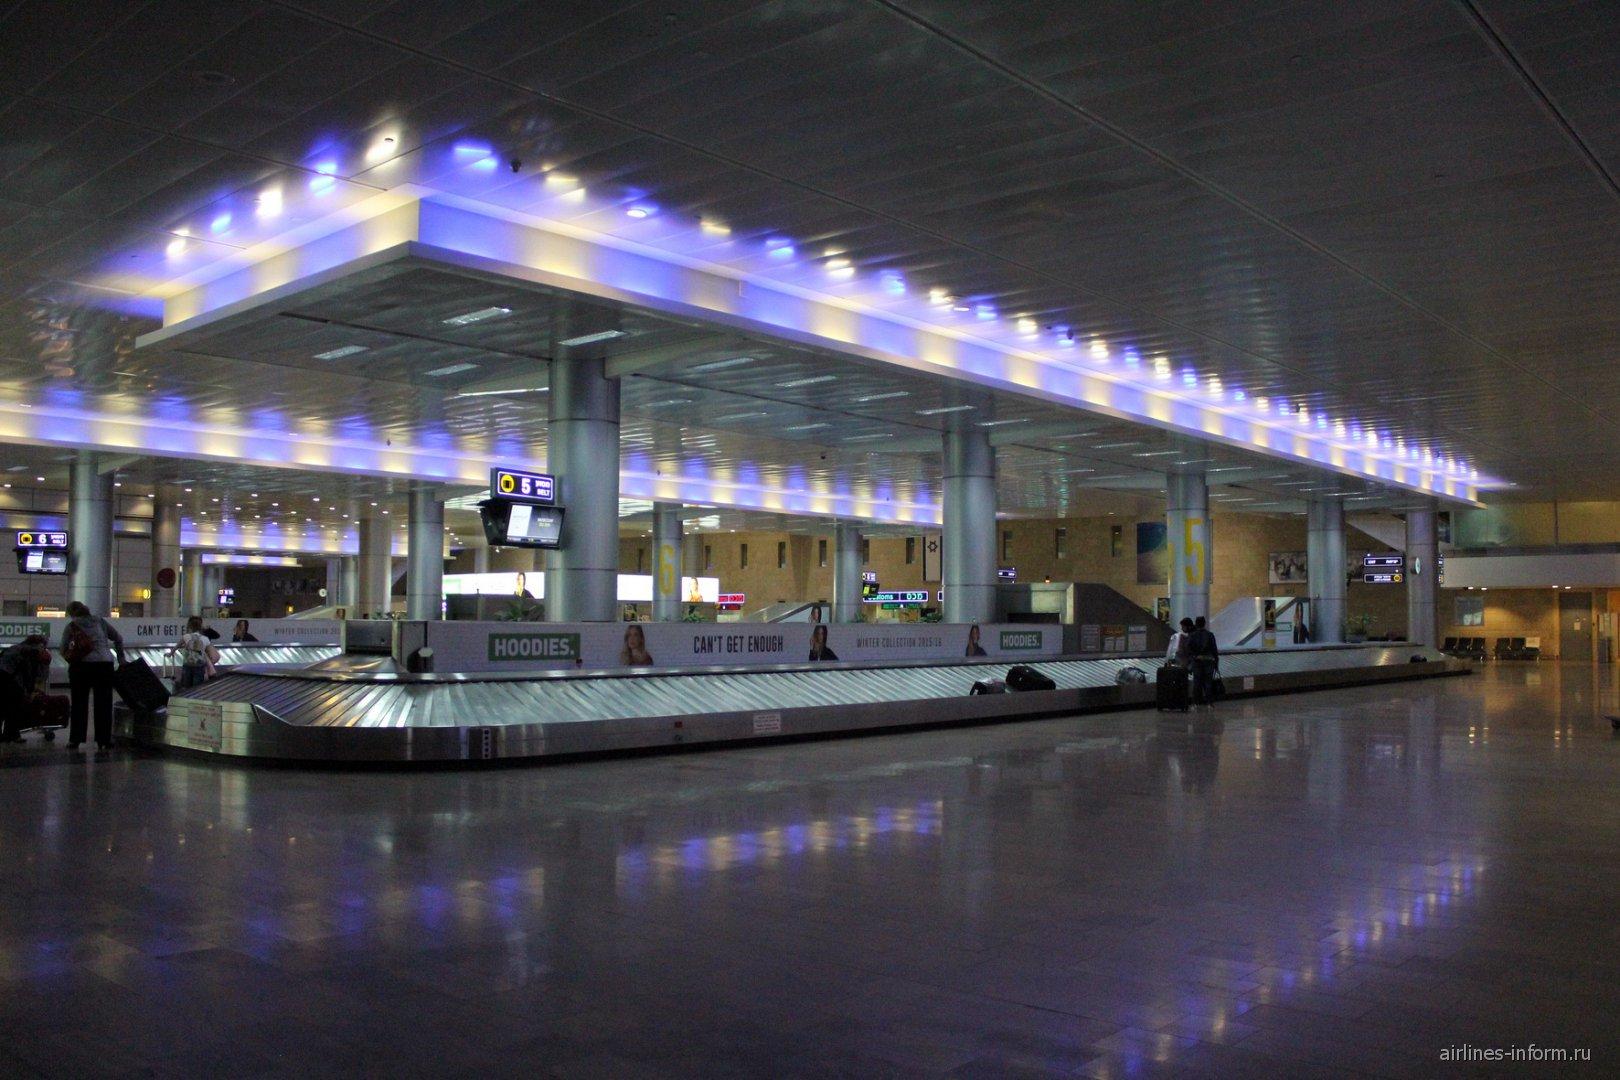 Багажная лента в аэропорту Тель-Авив Бен-Гурион